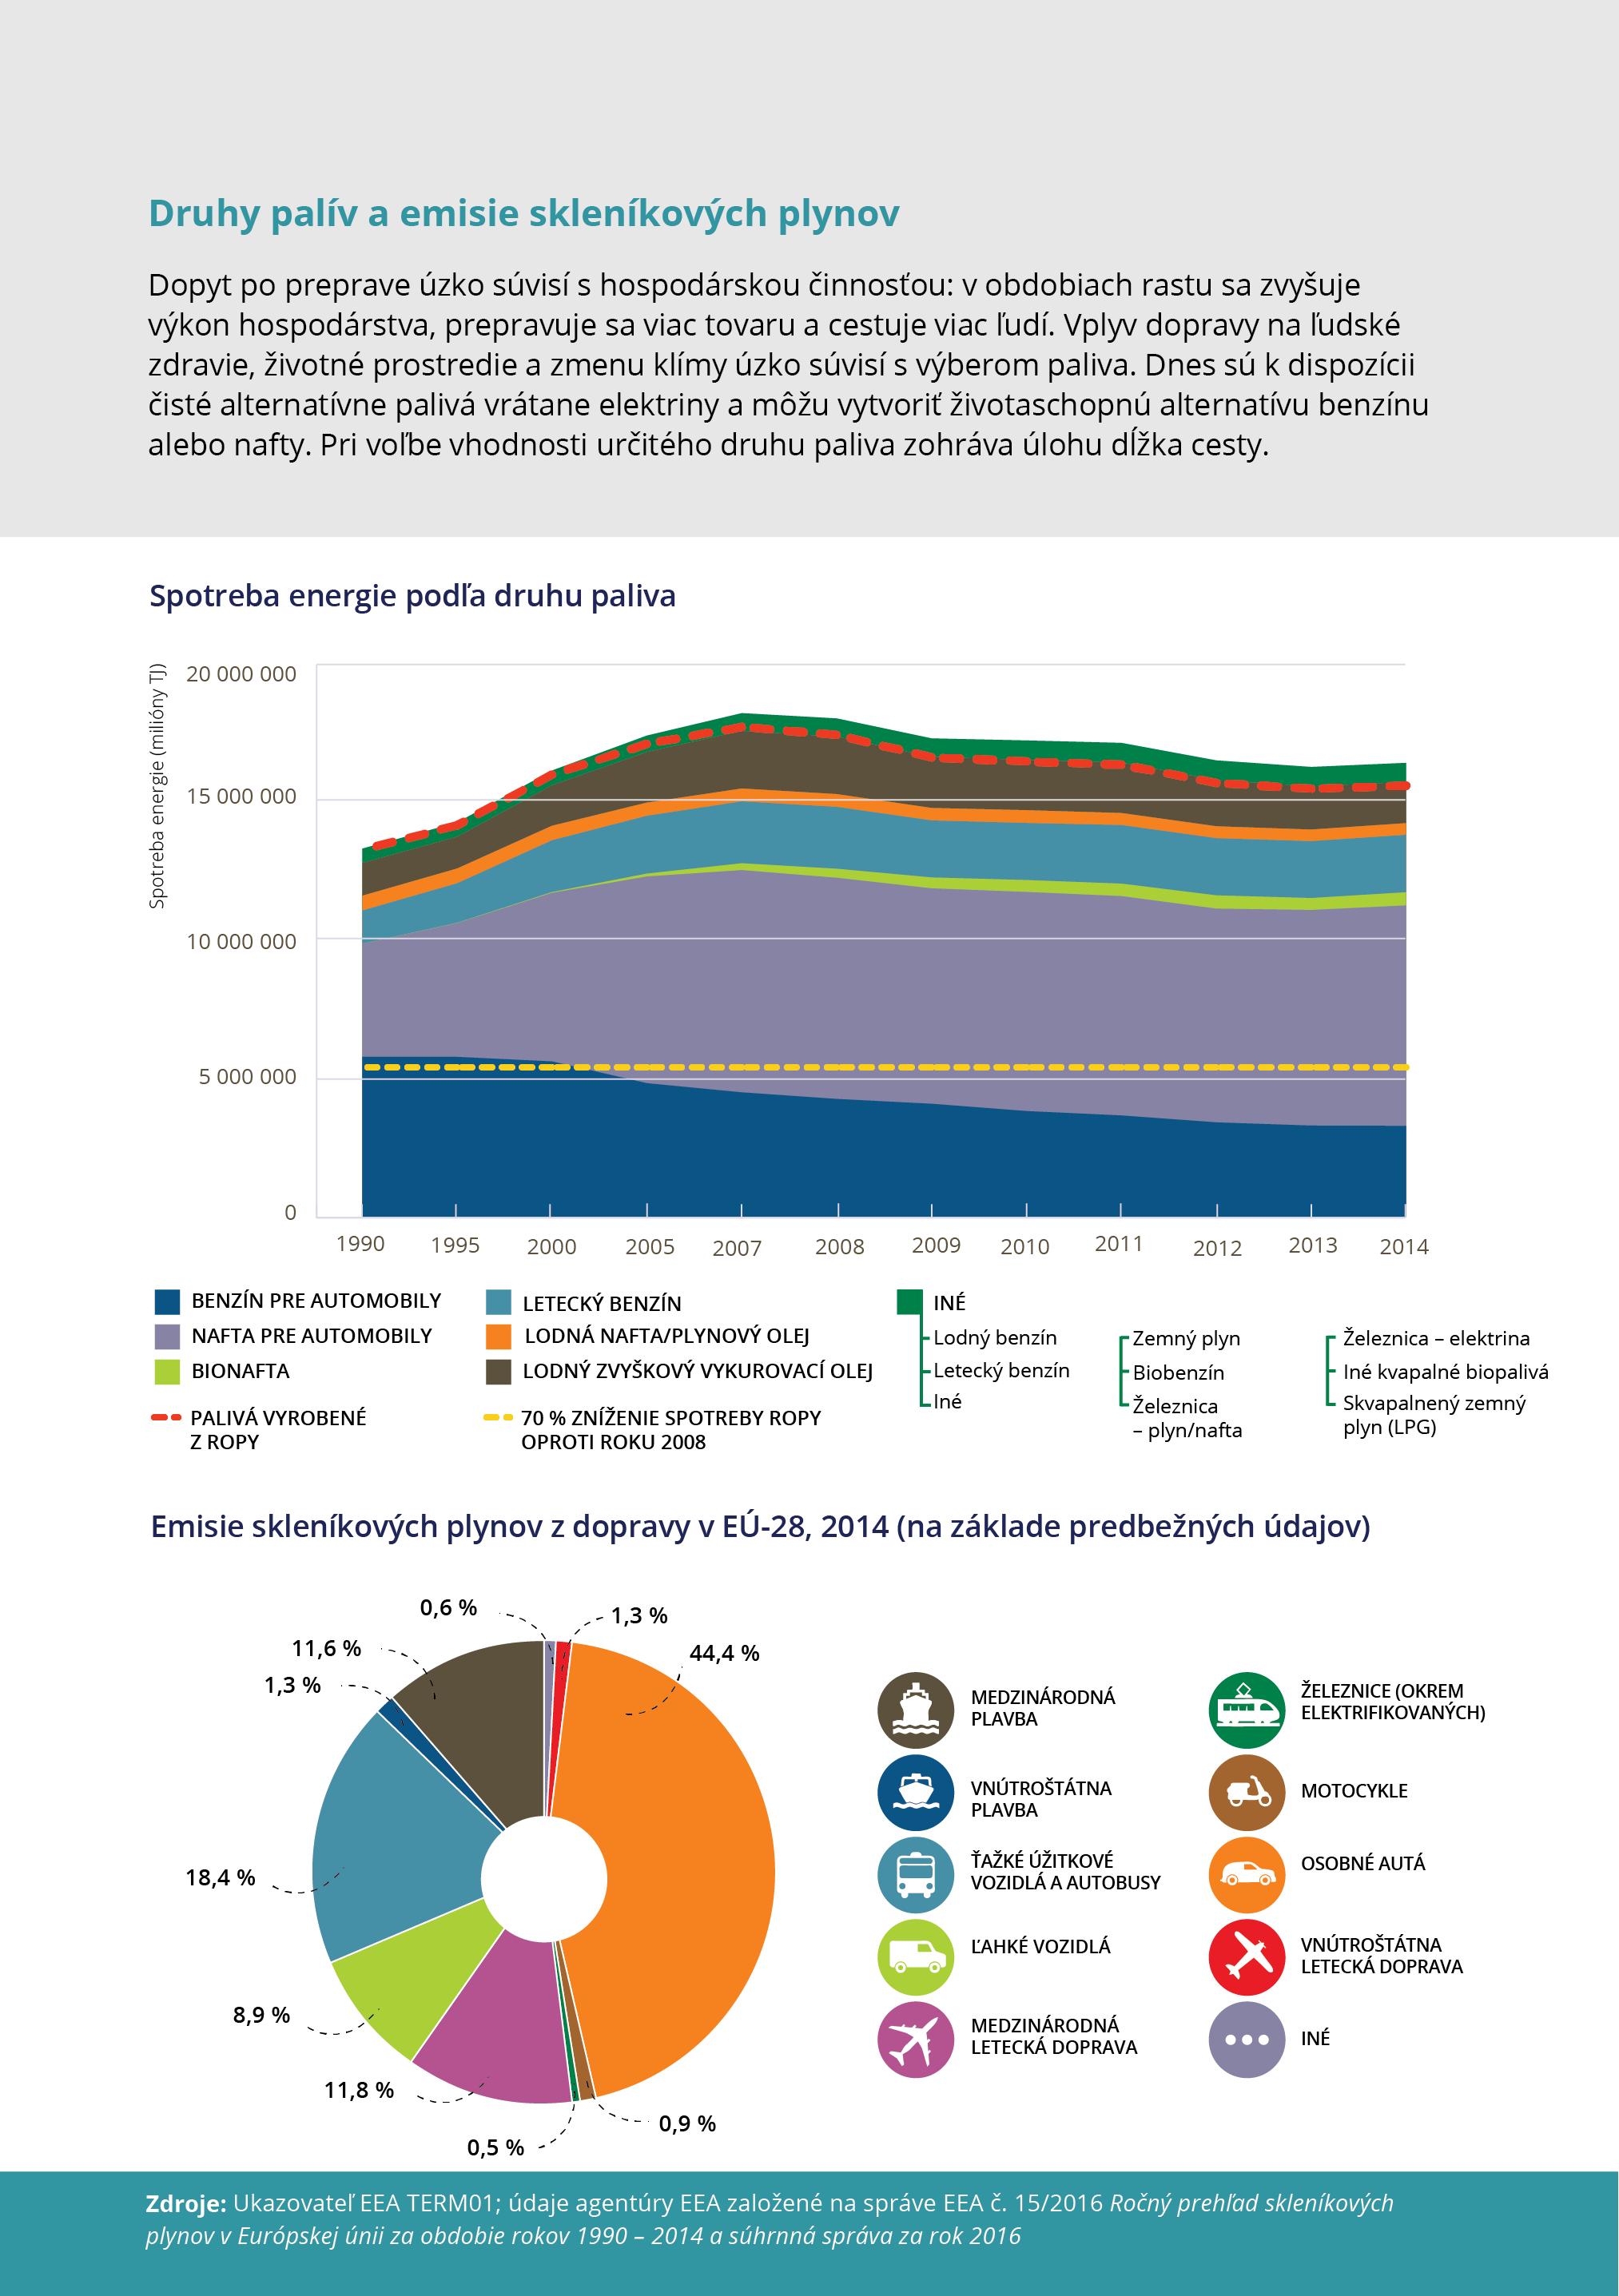 Druhy palív a emisie skleníkových plynov